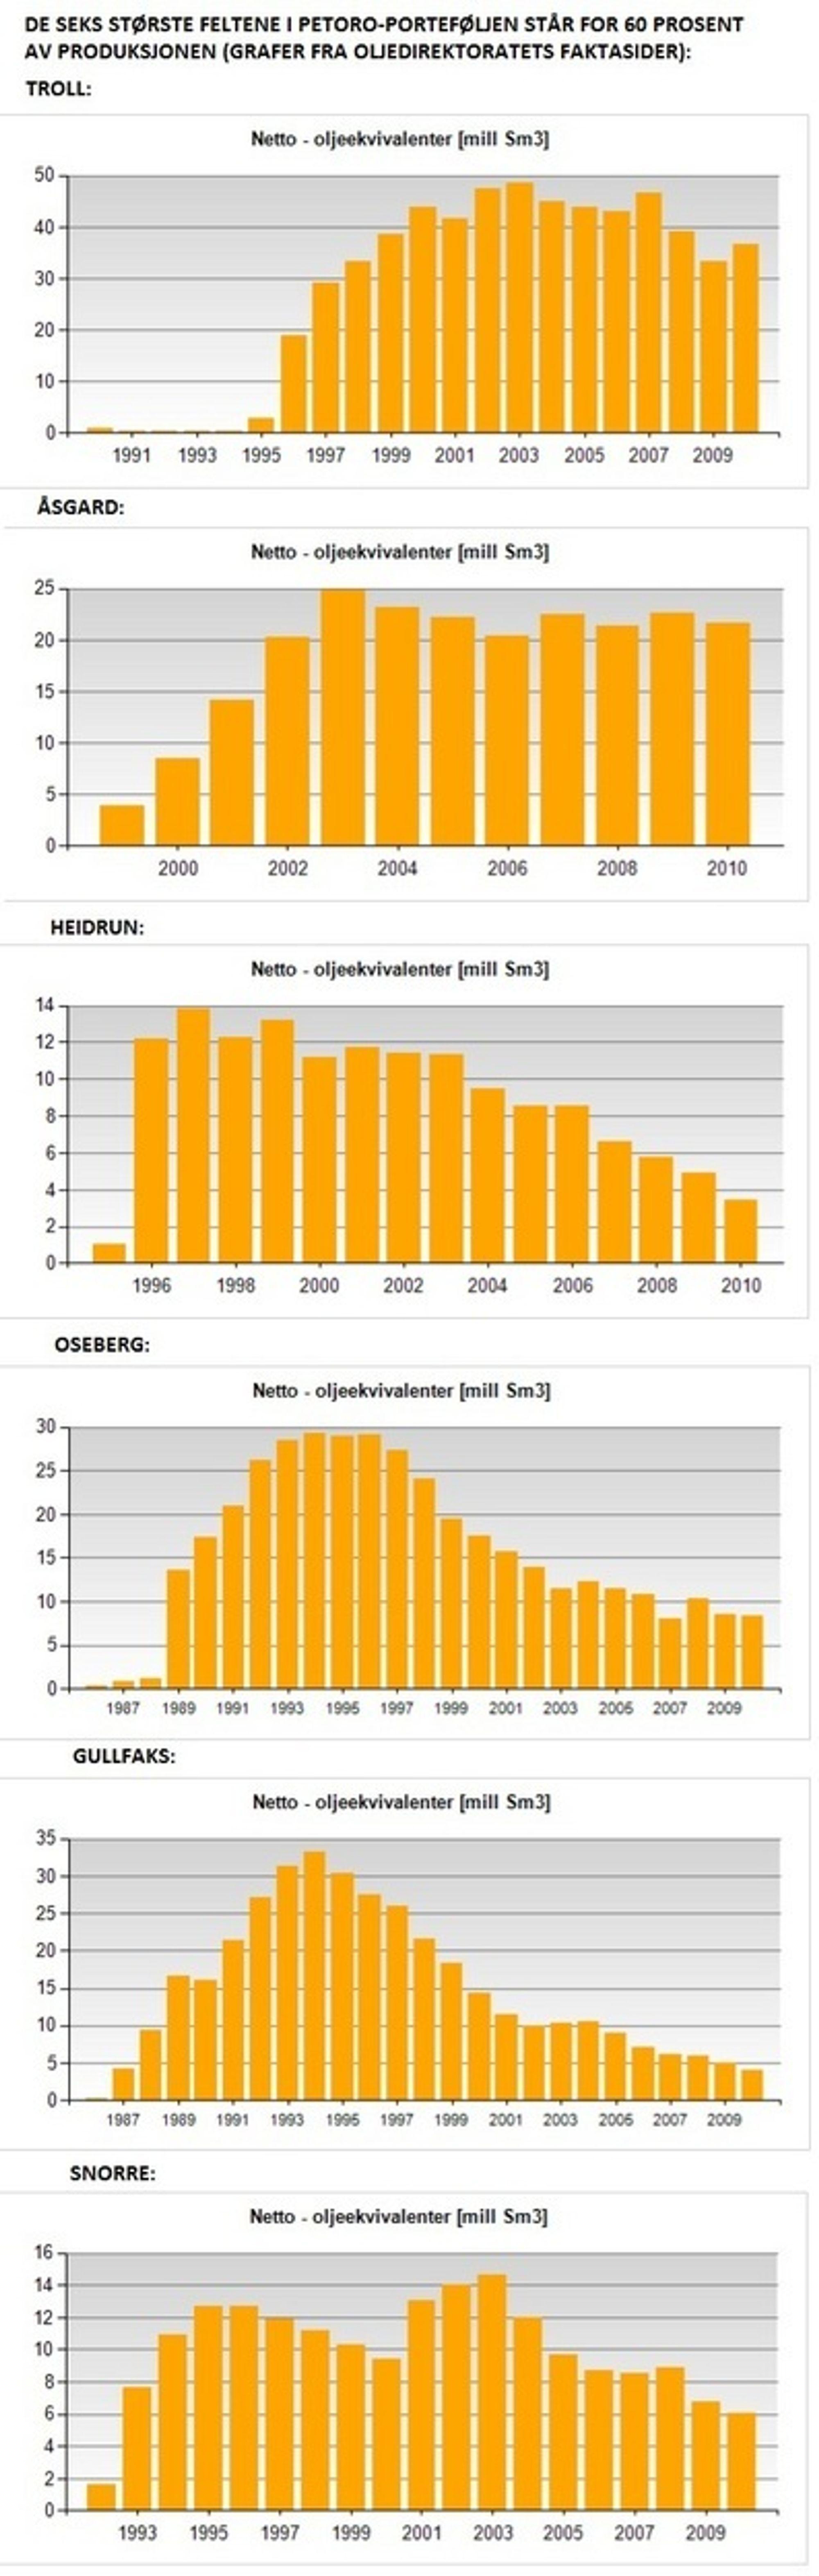 Graf over netto petroleumsproduksjon fra Petoros seks største felter. Kilde: Oljedirektoratets faktasider